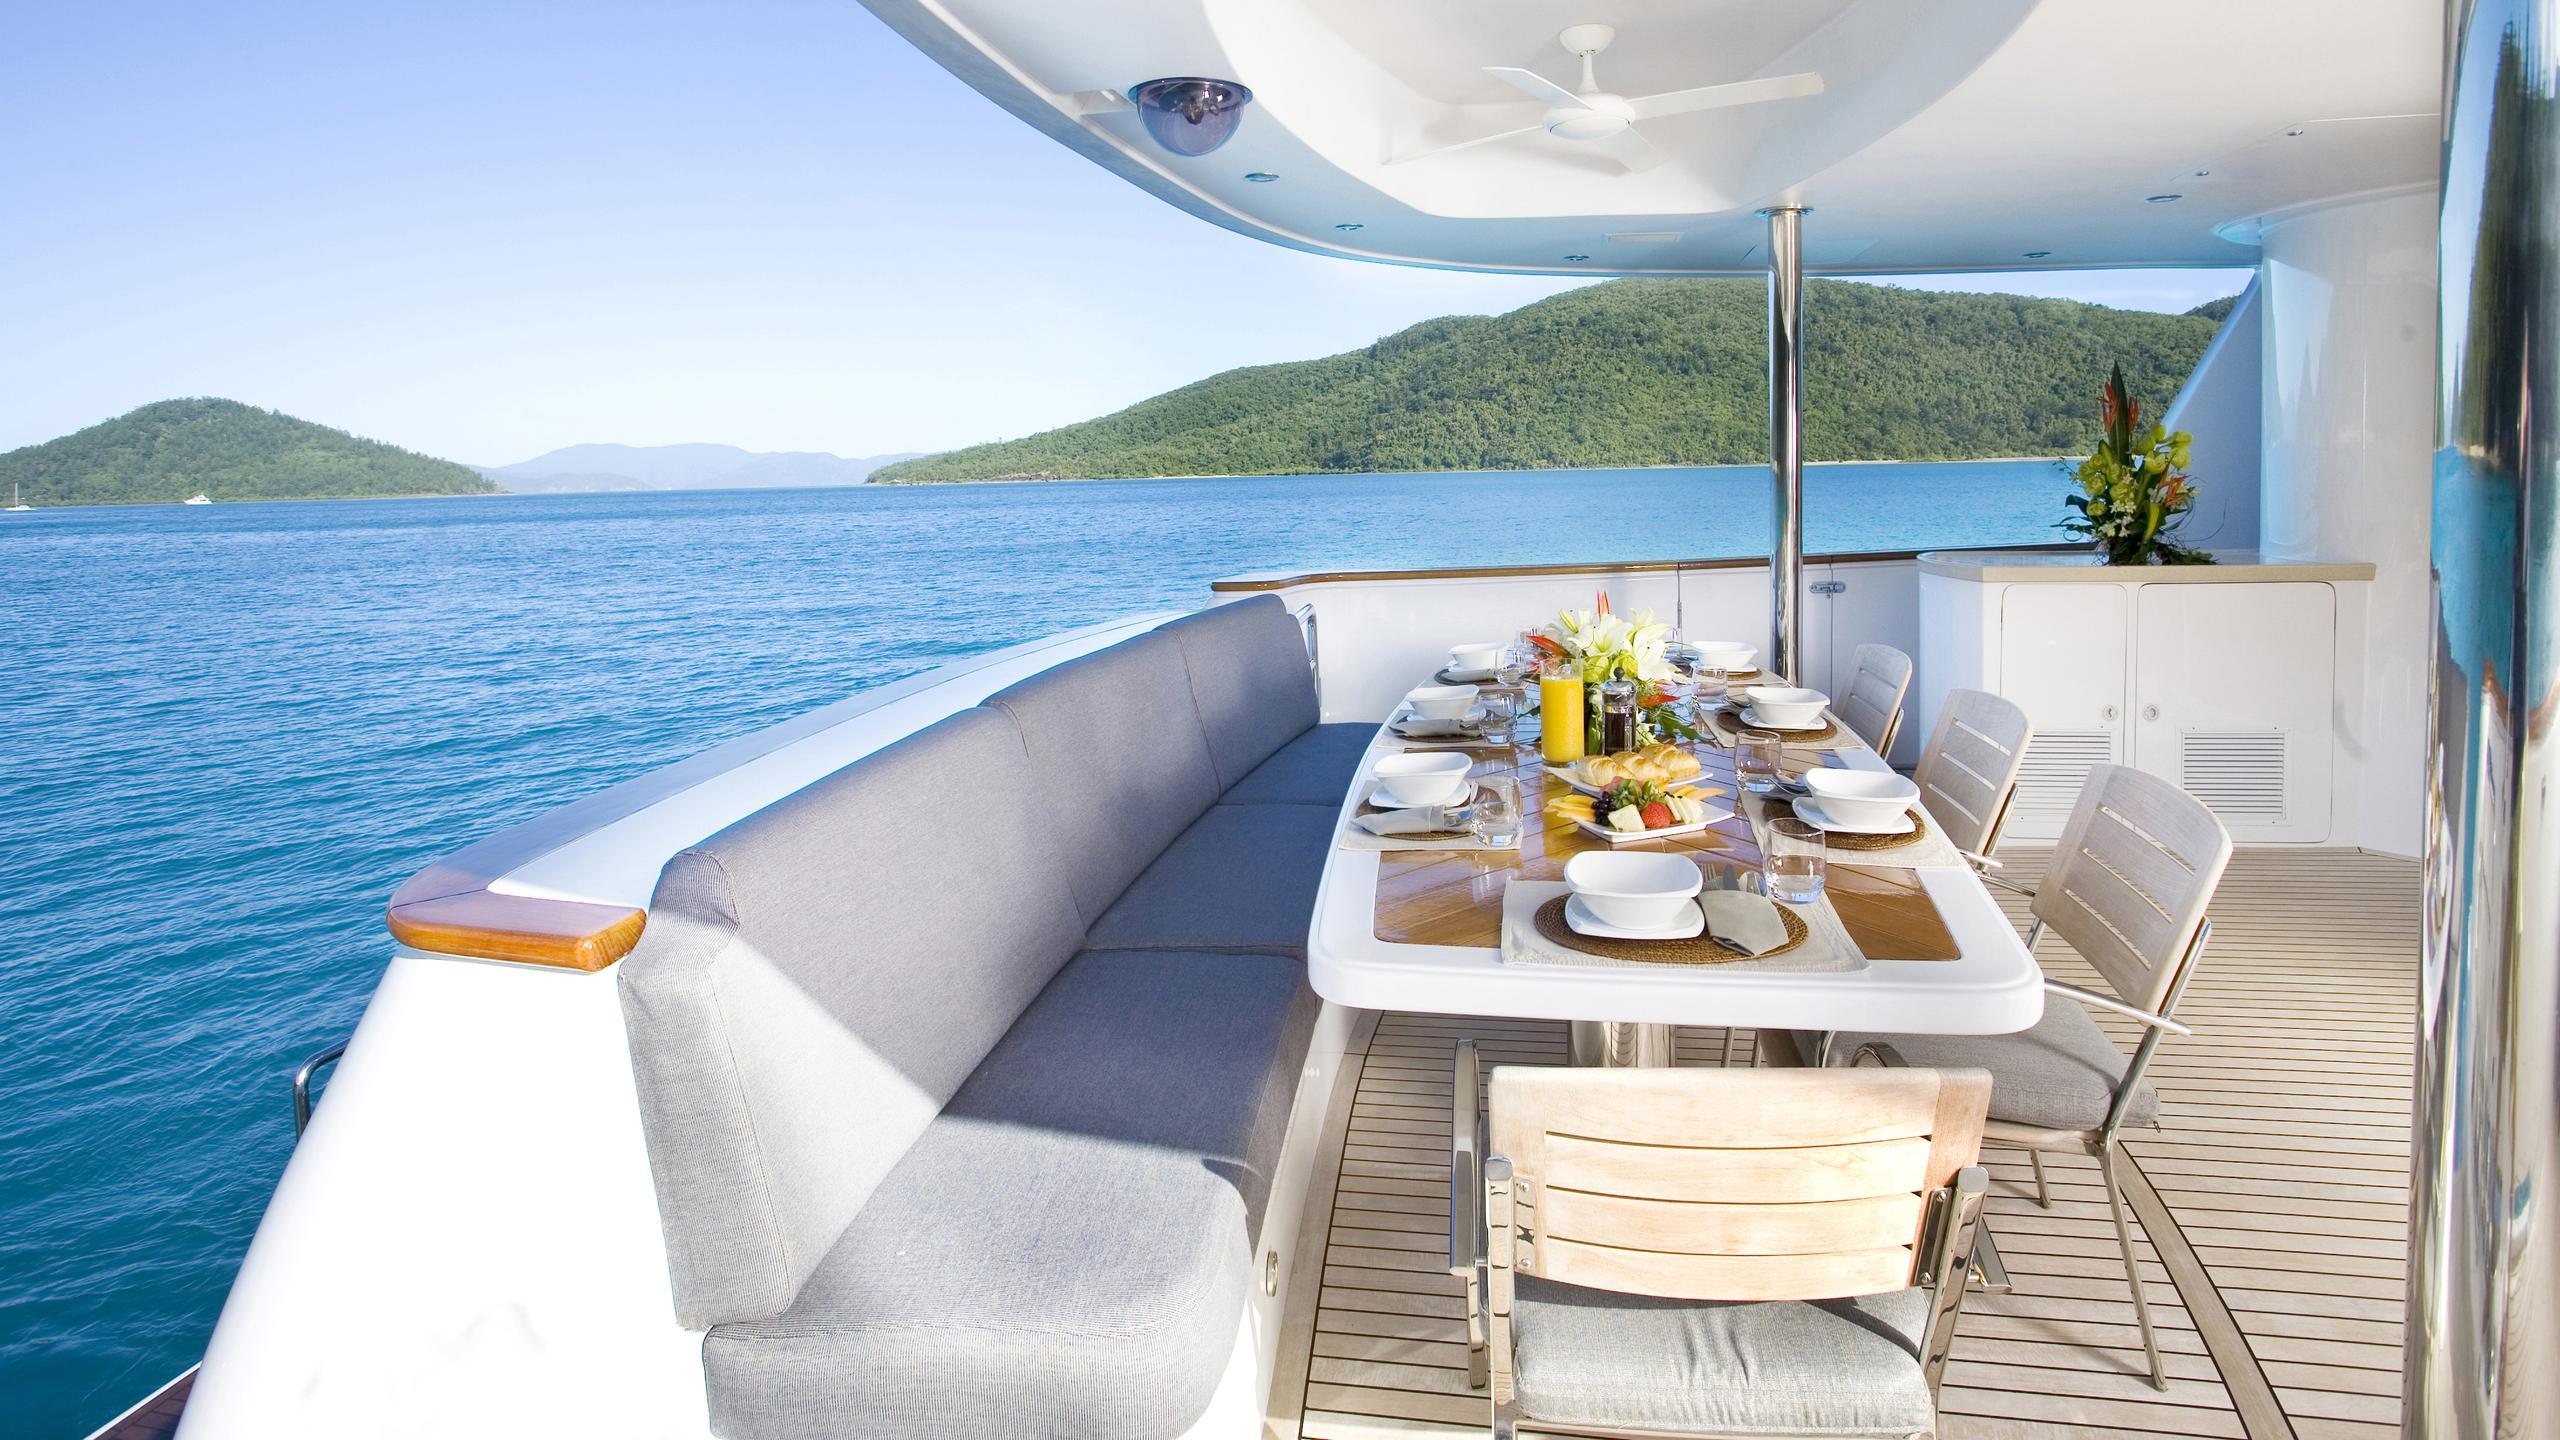 delise-III-yacht-aft-deck